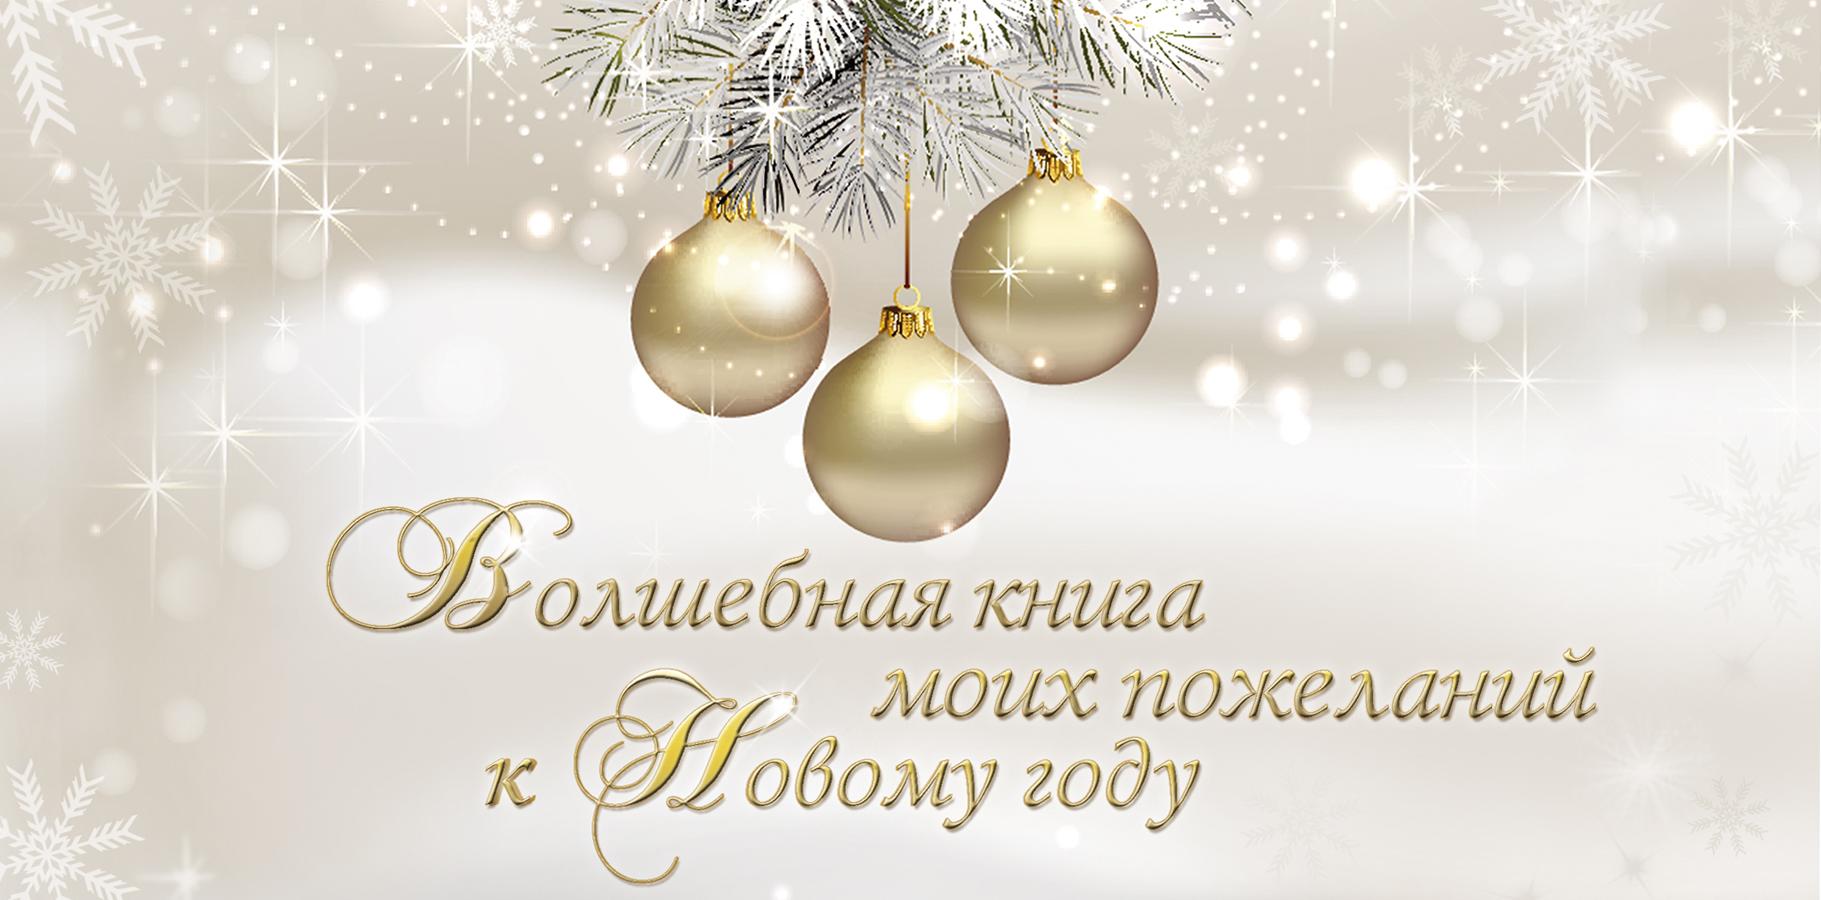 ваши пожелания в новом году закладывает